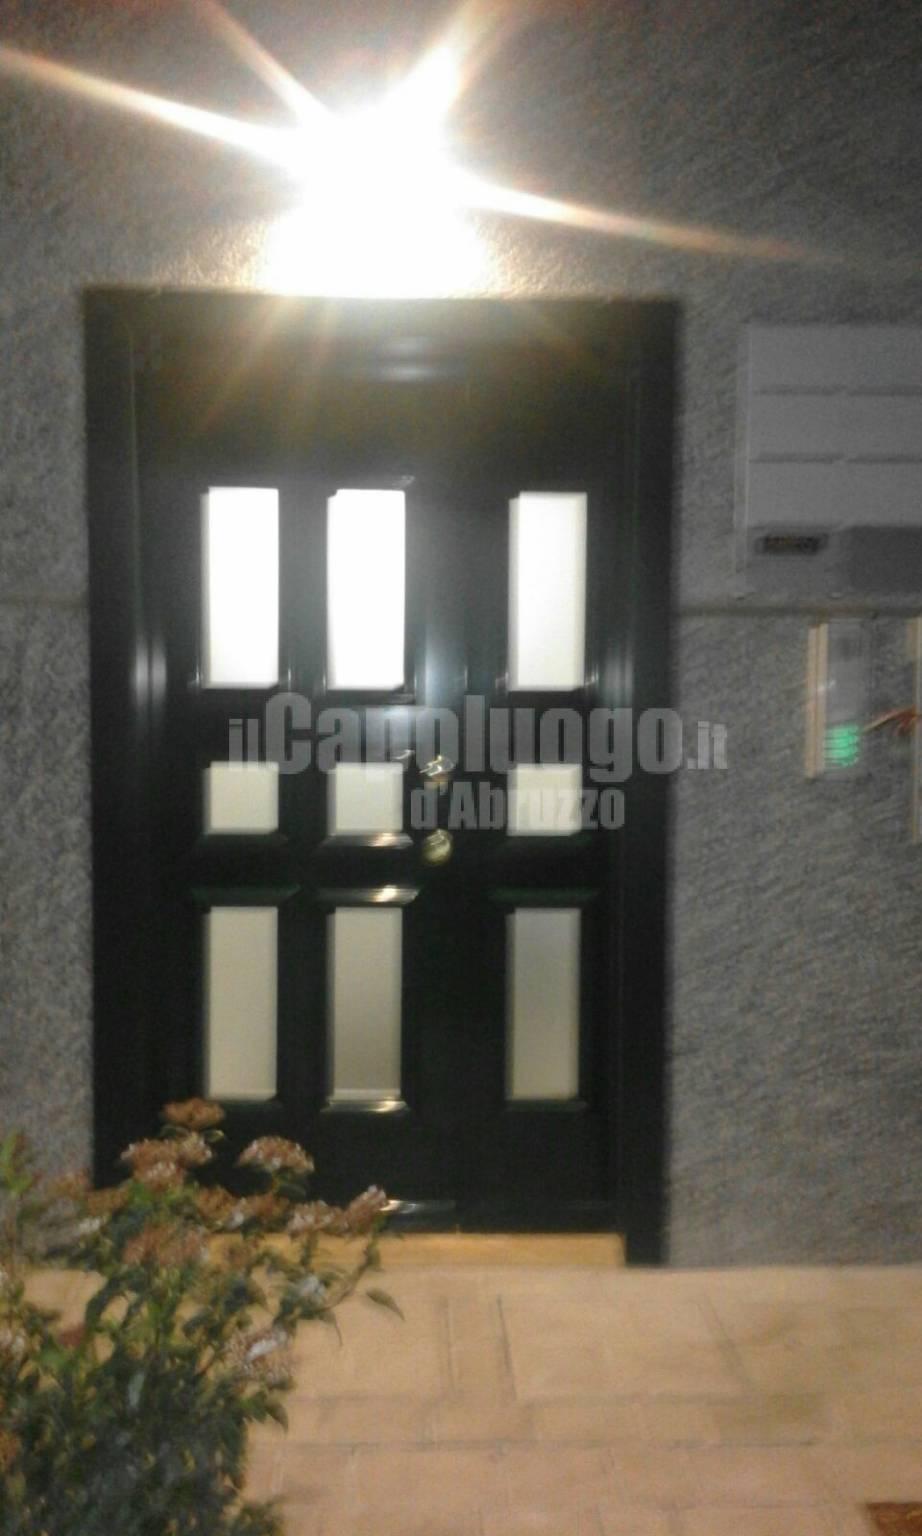 L'Aquila, suicidio in ufficio a Bazzano